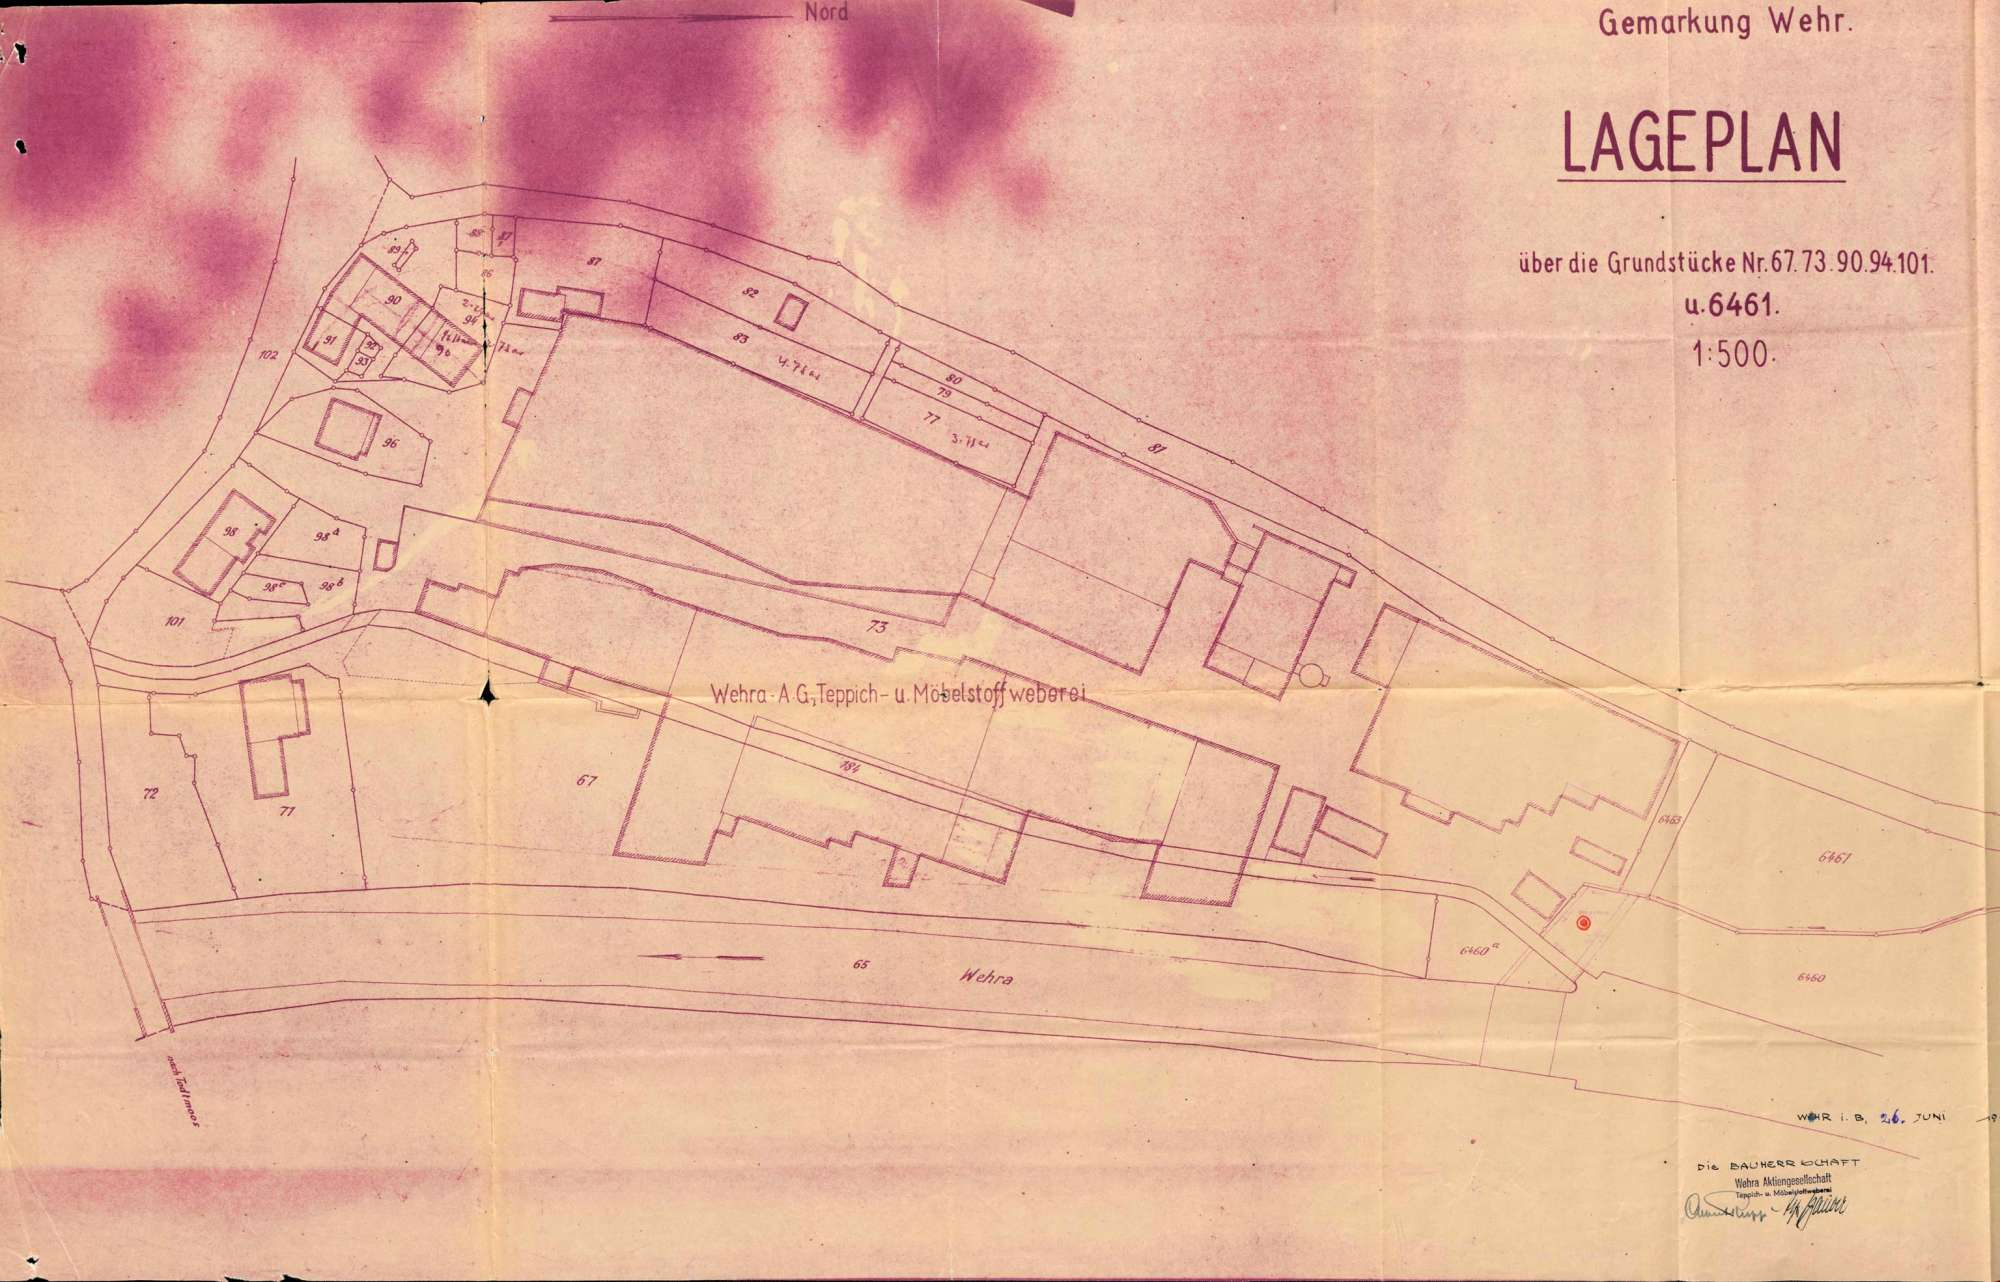 Antrag der Firma Wehra AG in Wehr auf wasserpolizeiliche Genehmigung zur Erstellung einer Brunnenanlage, Bild 1